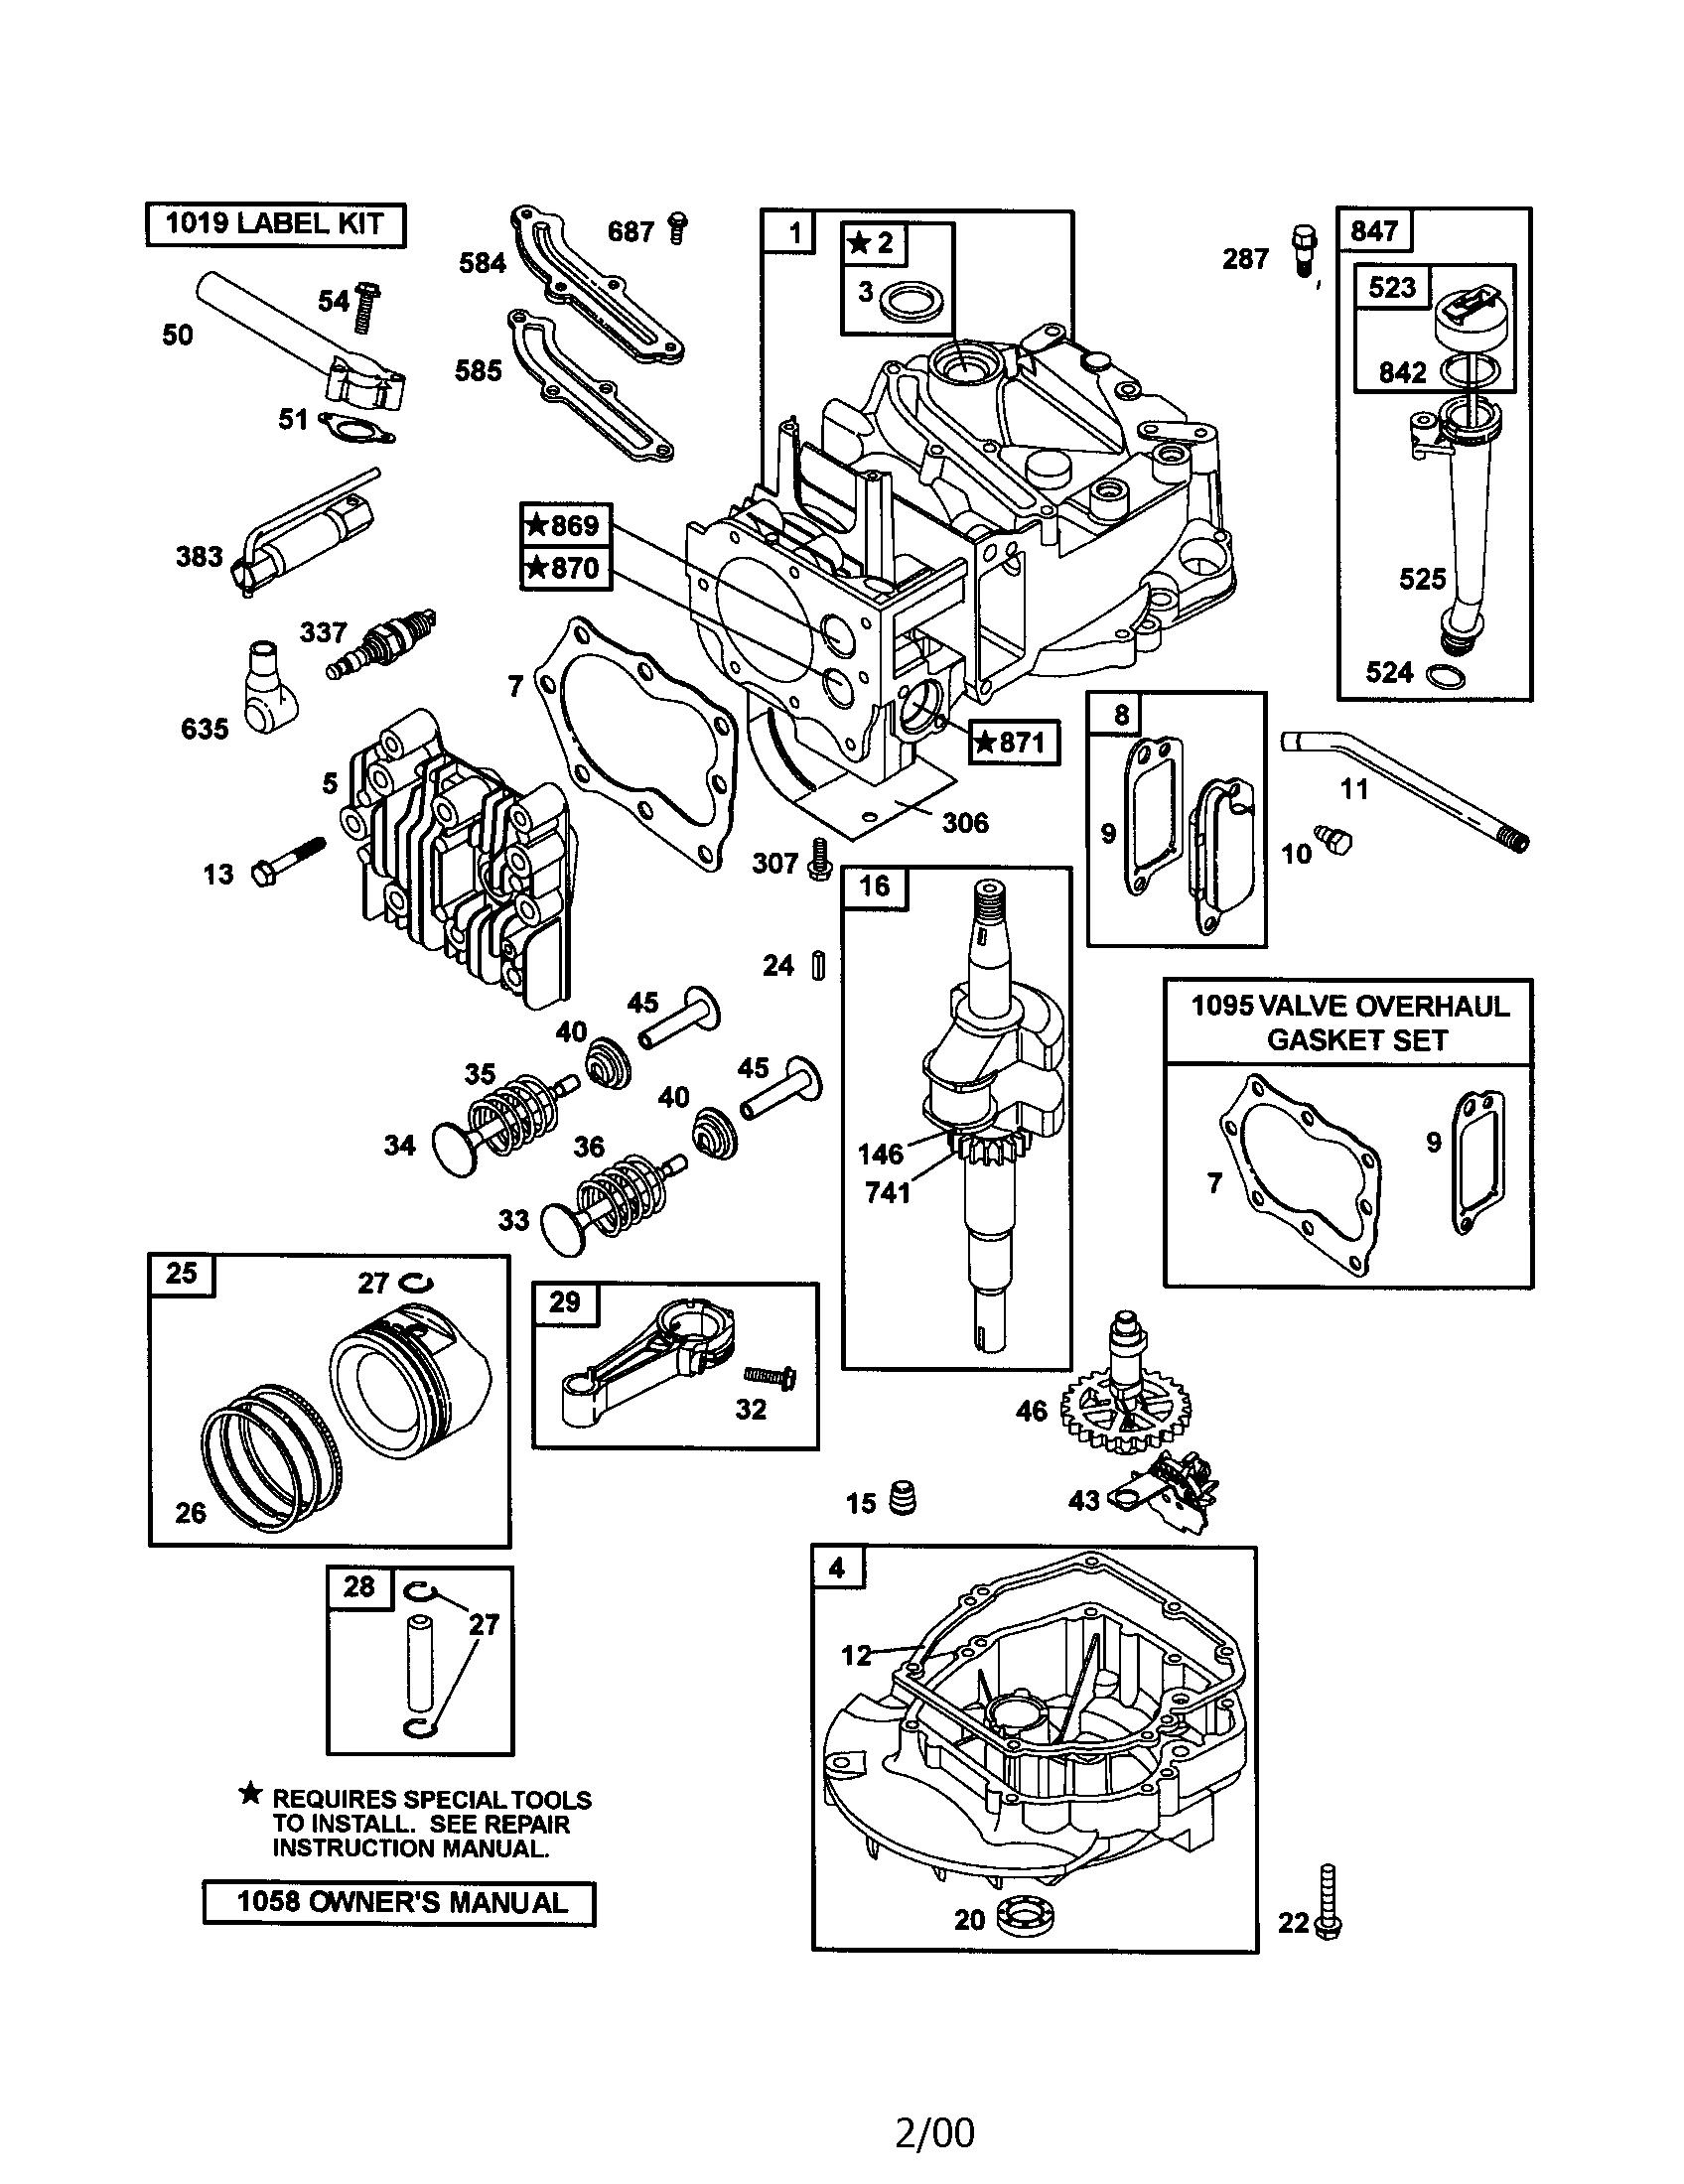 Briggs-Stratton model 12H802-1922-E1 engine genuine parts